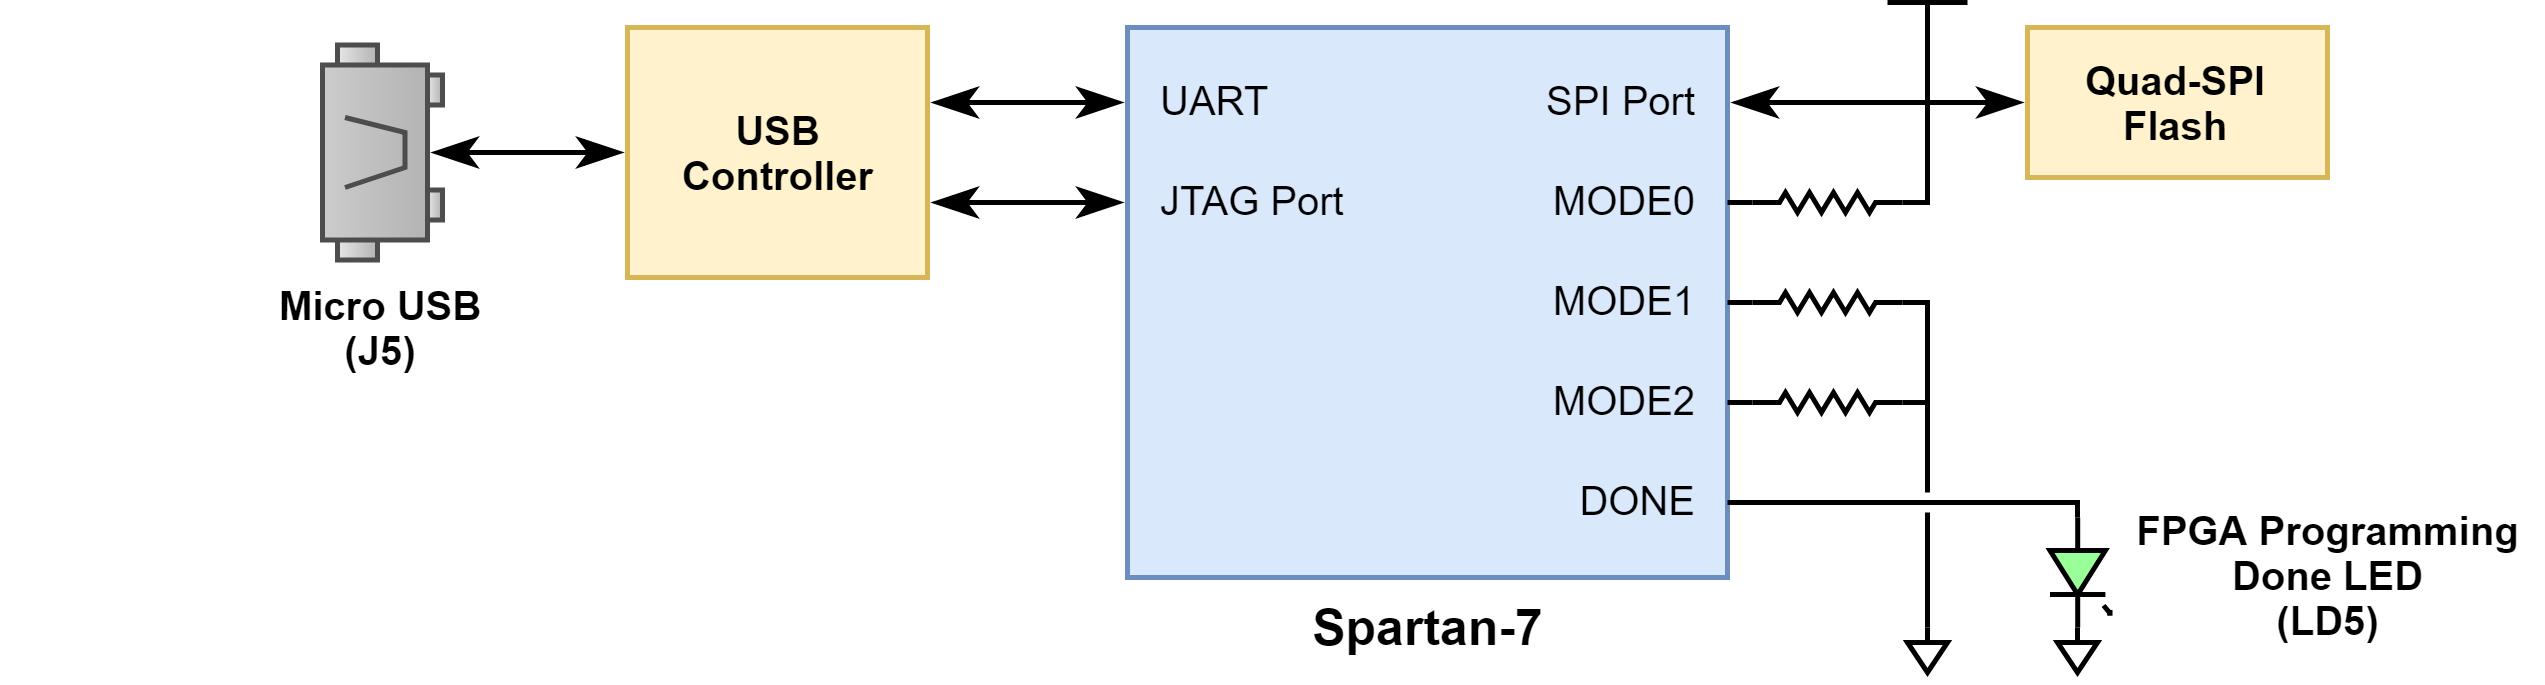 Figure 2.1 Configuration